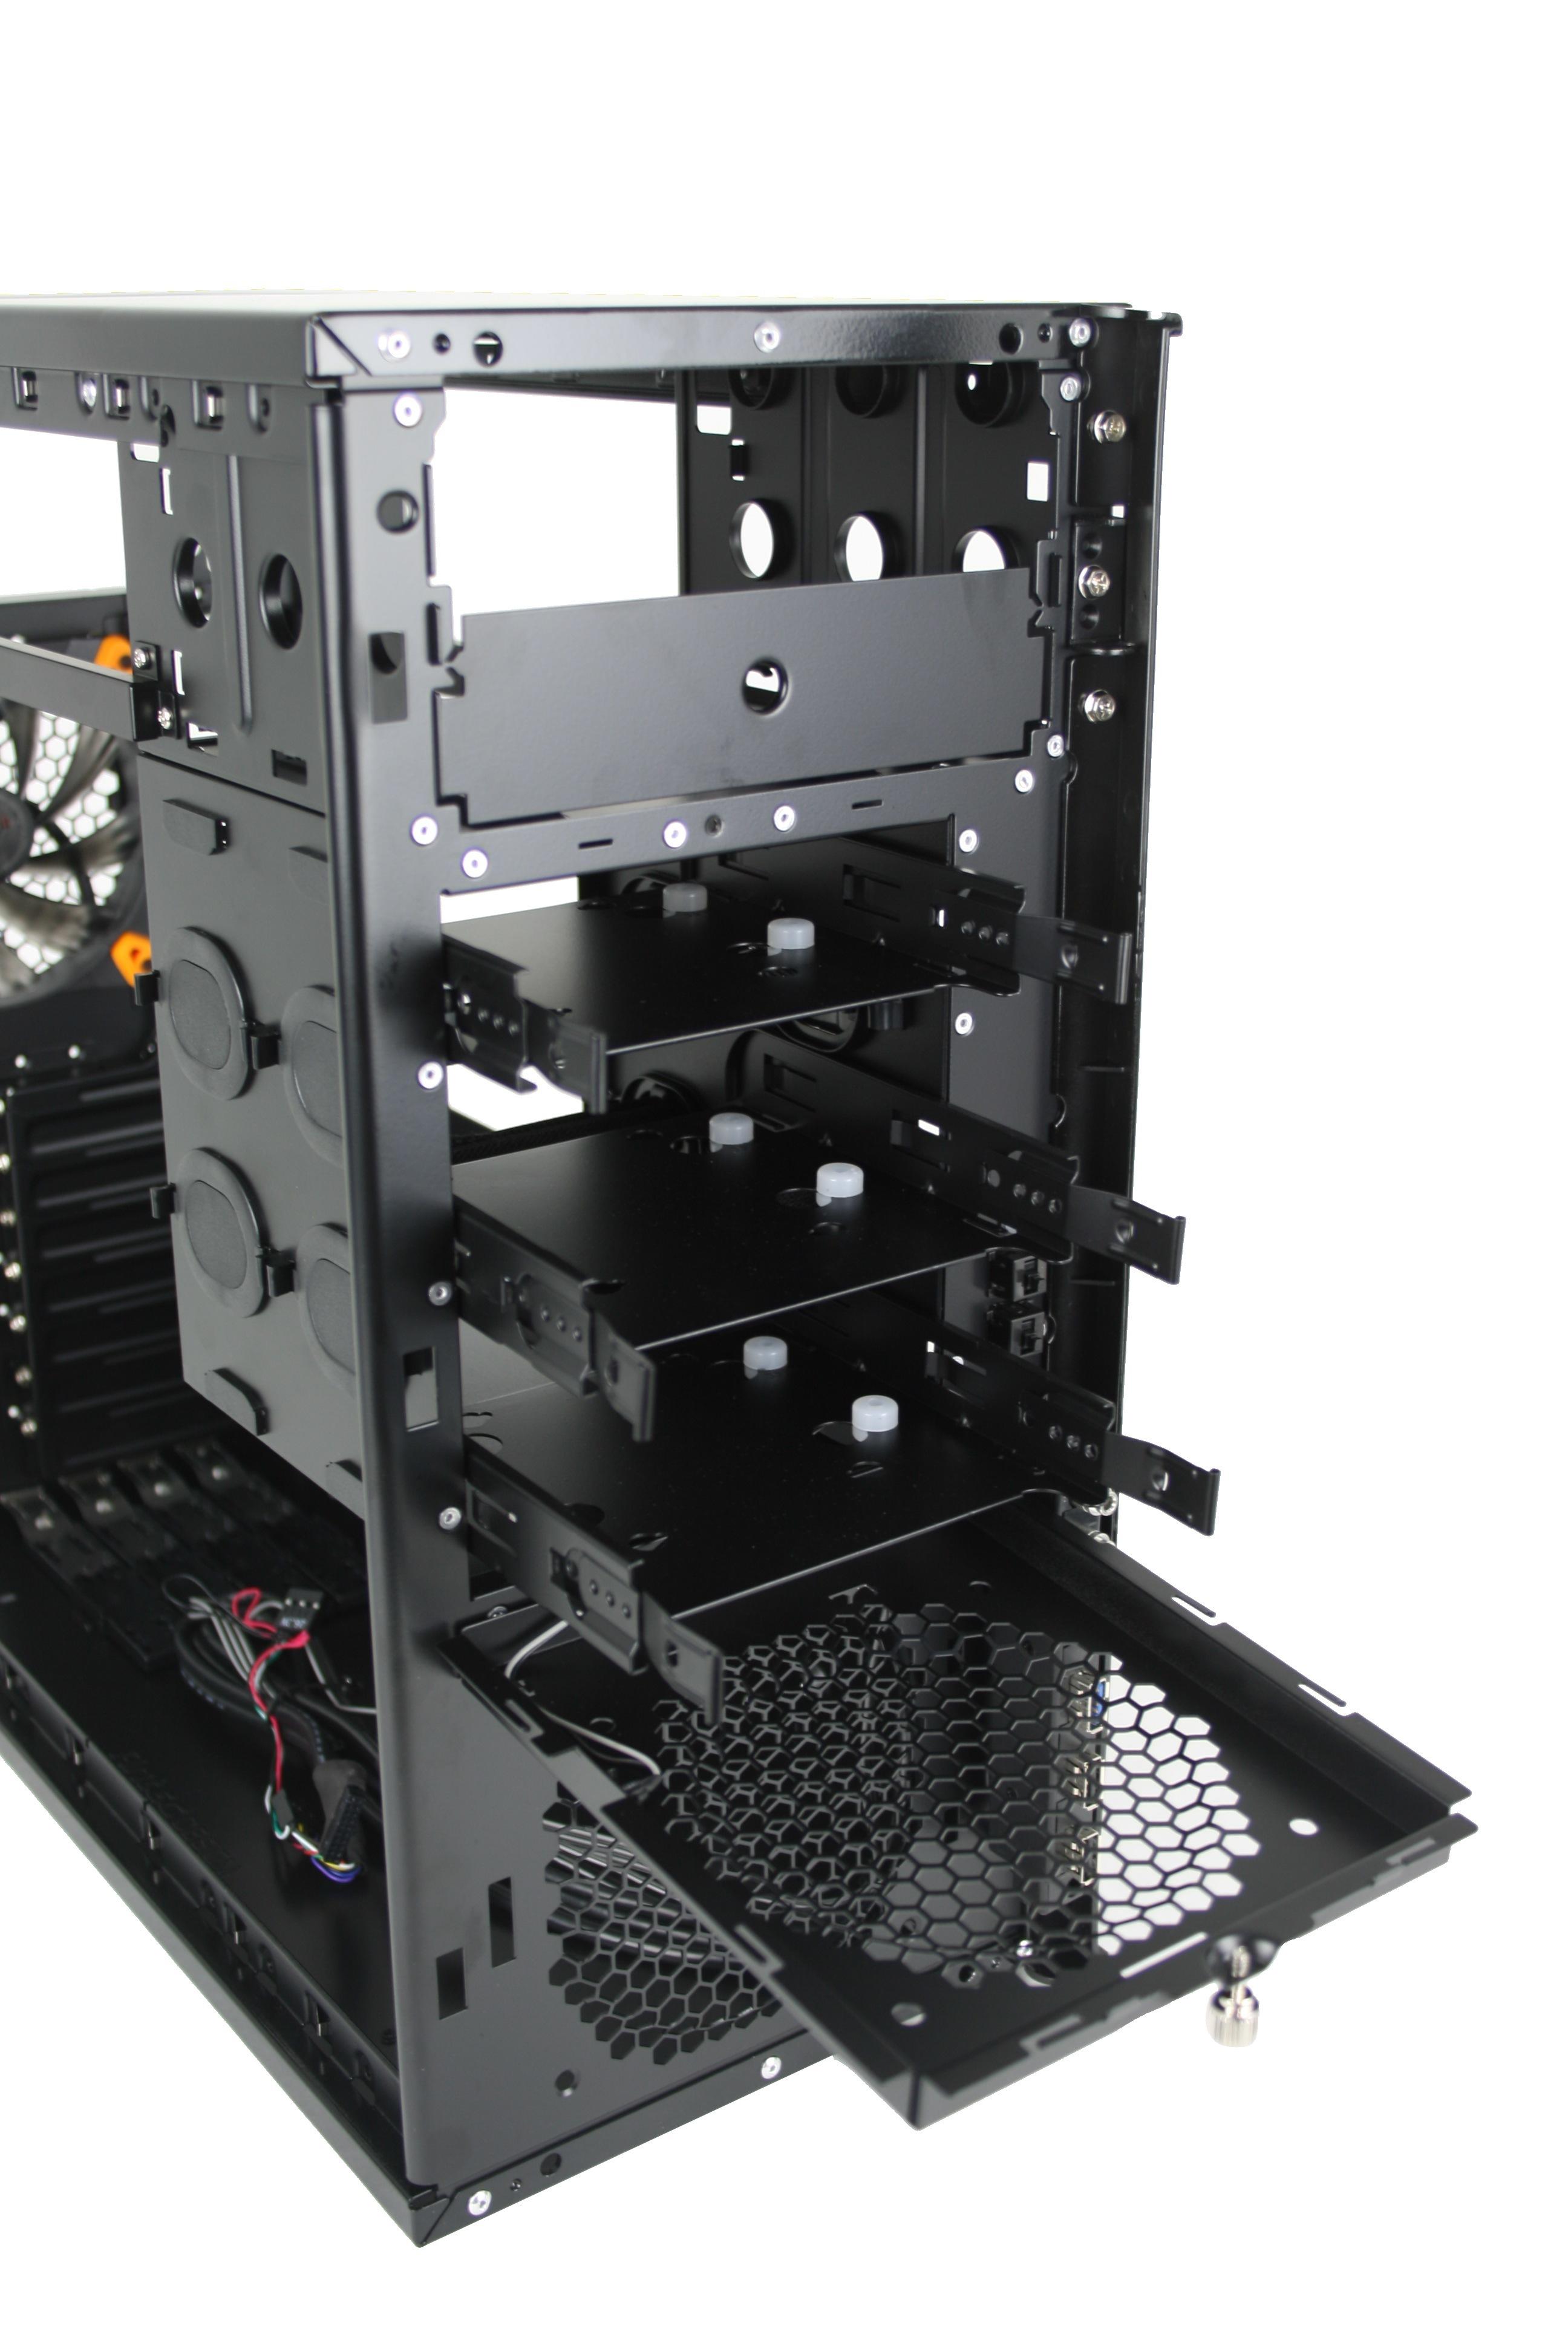 Antec Solo II hard drive mount